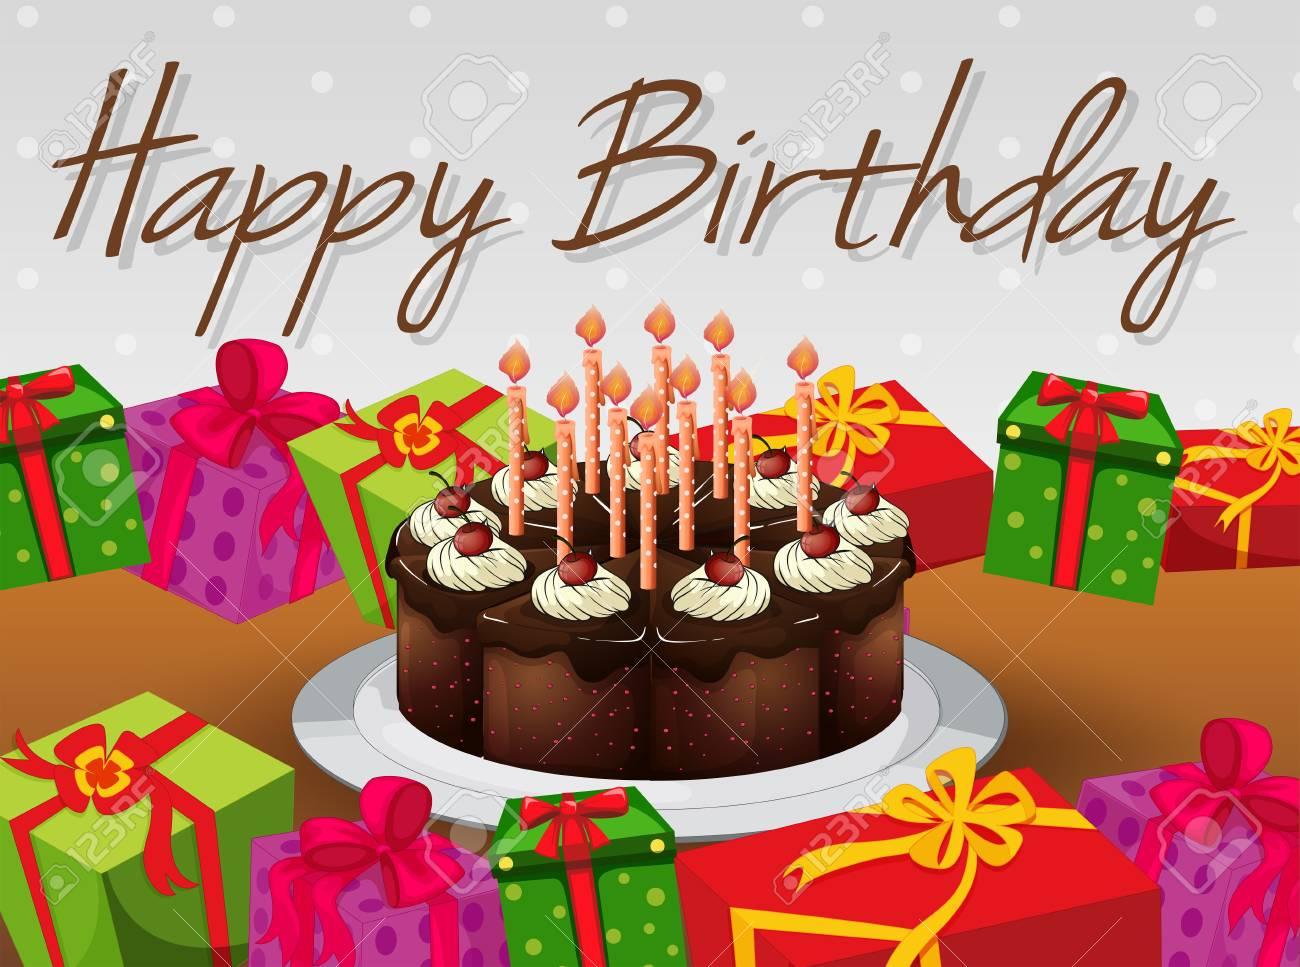 Happy Birthday Card Vorlage Mit Kuchen Und Prasentiert Illustration